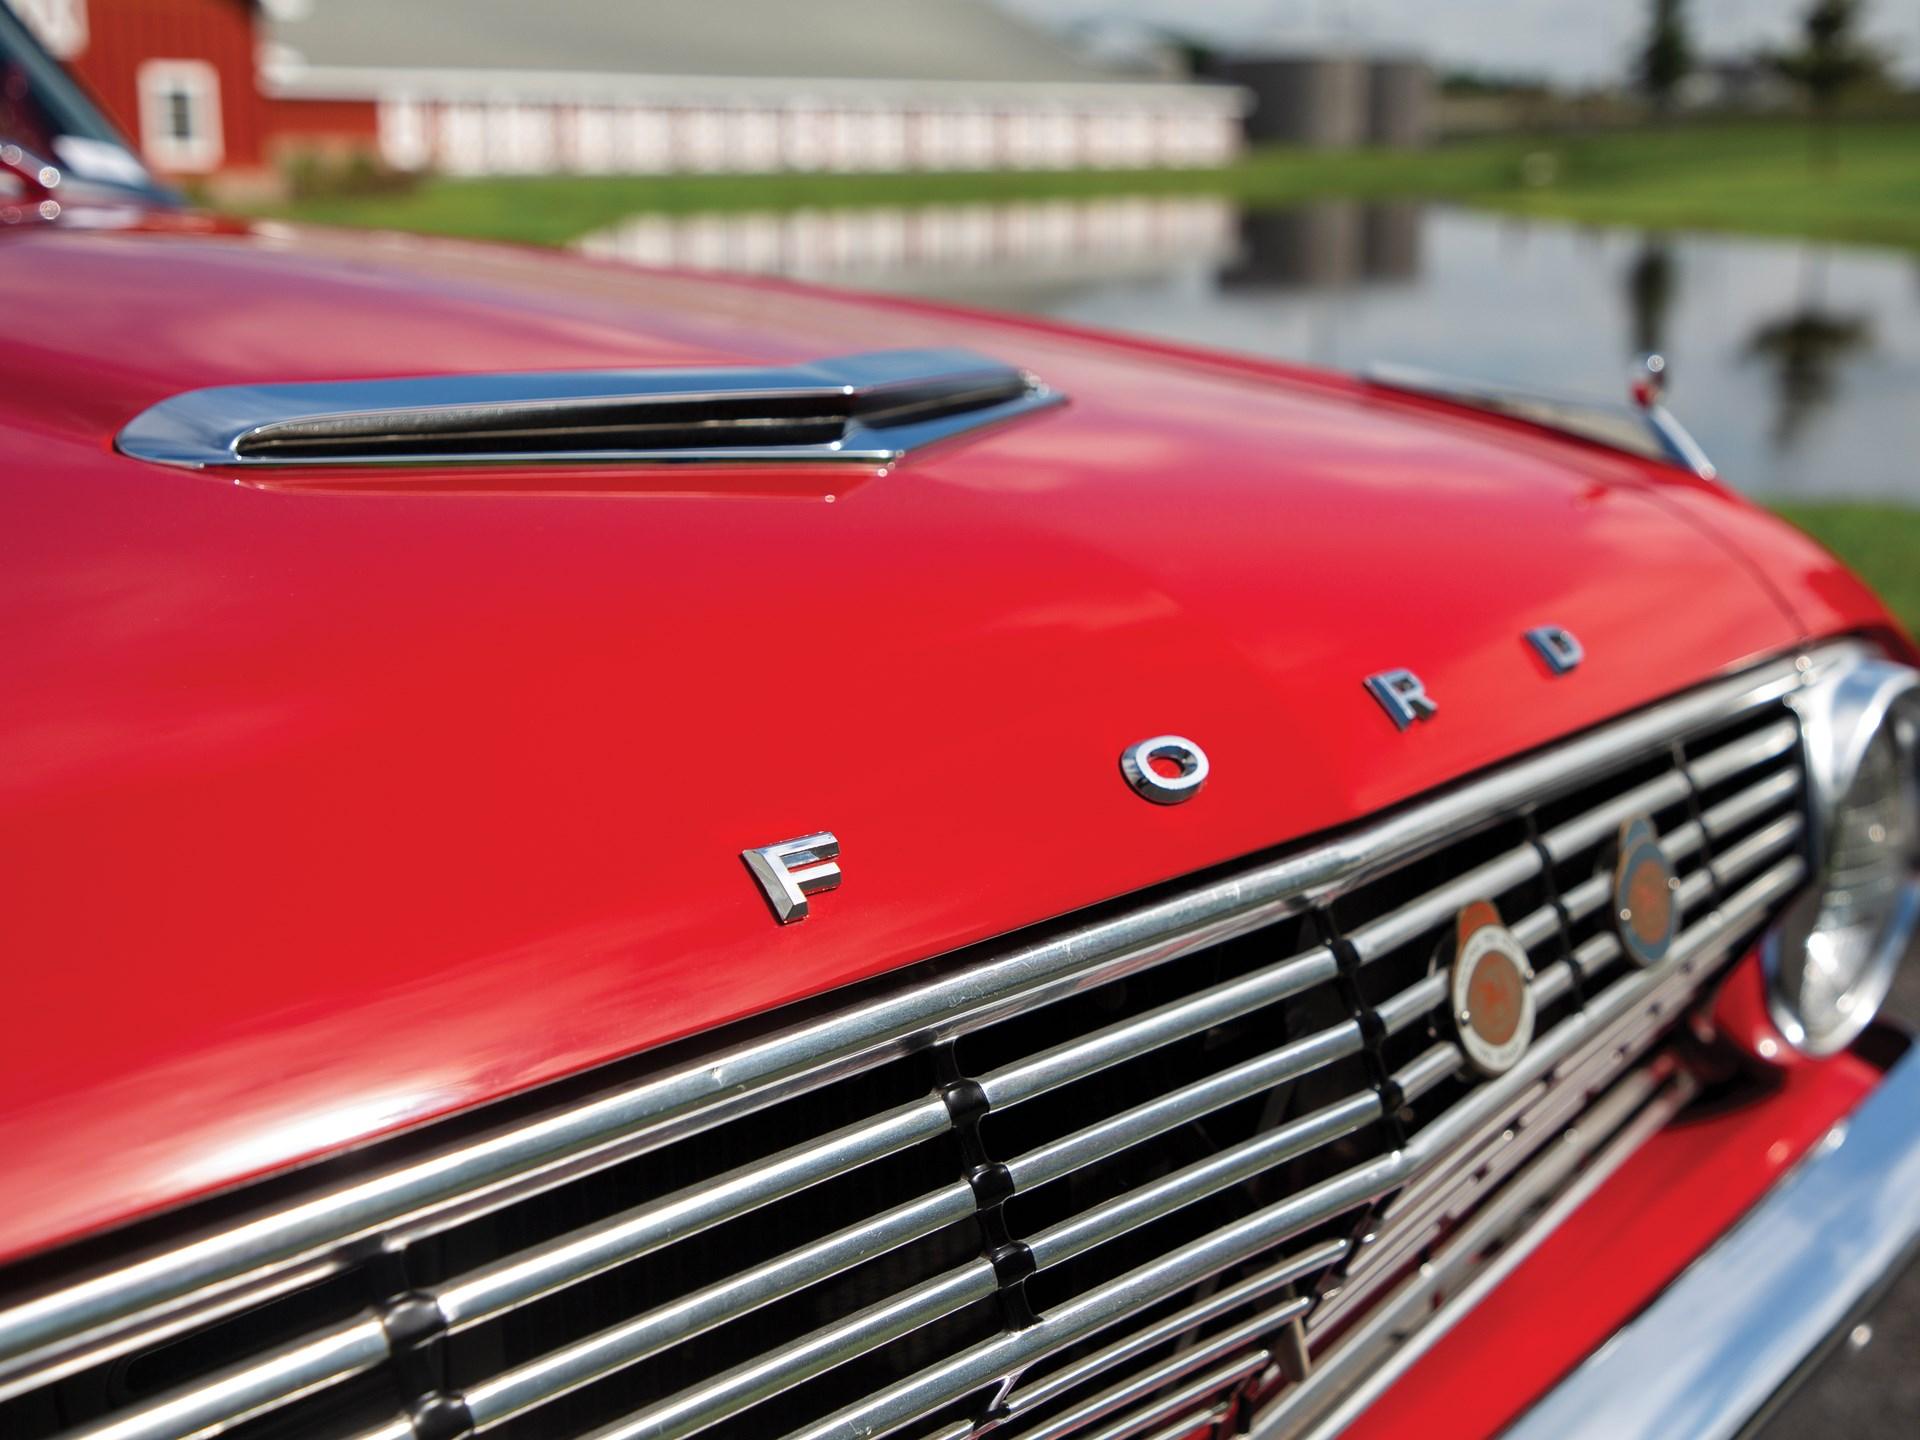 RM Sotheby's - 1963 Ford Falcon Futura Sport Convertible